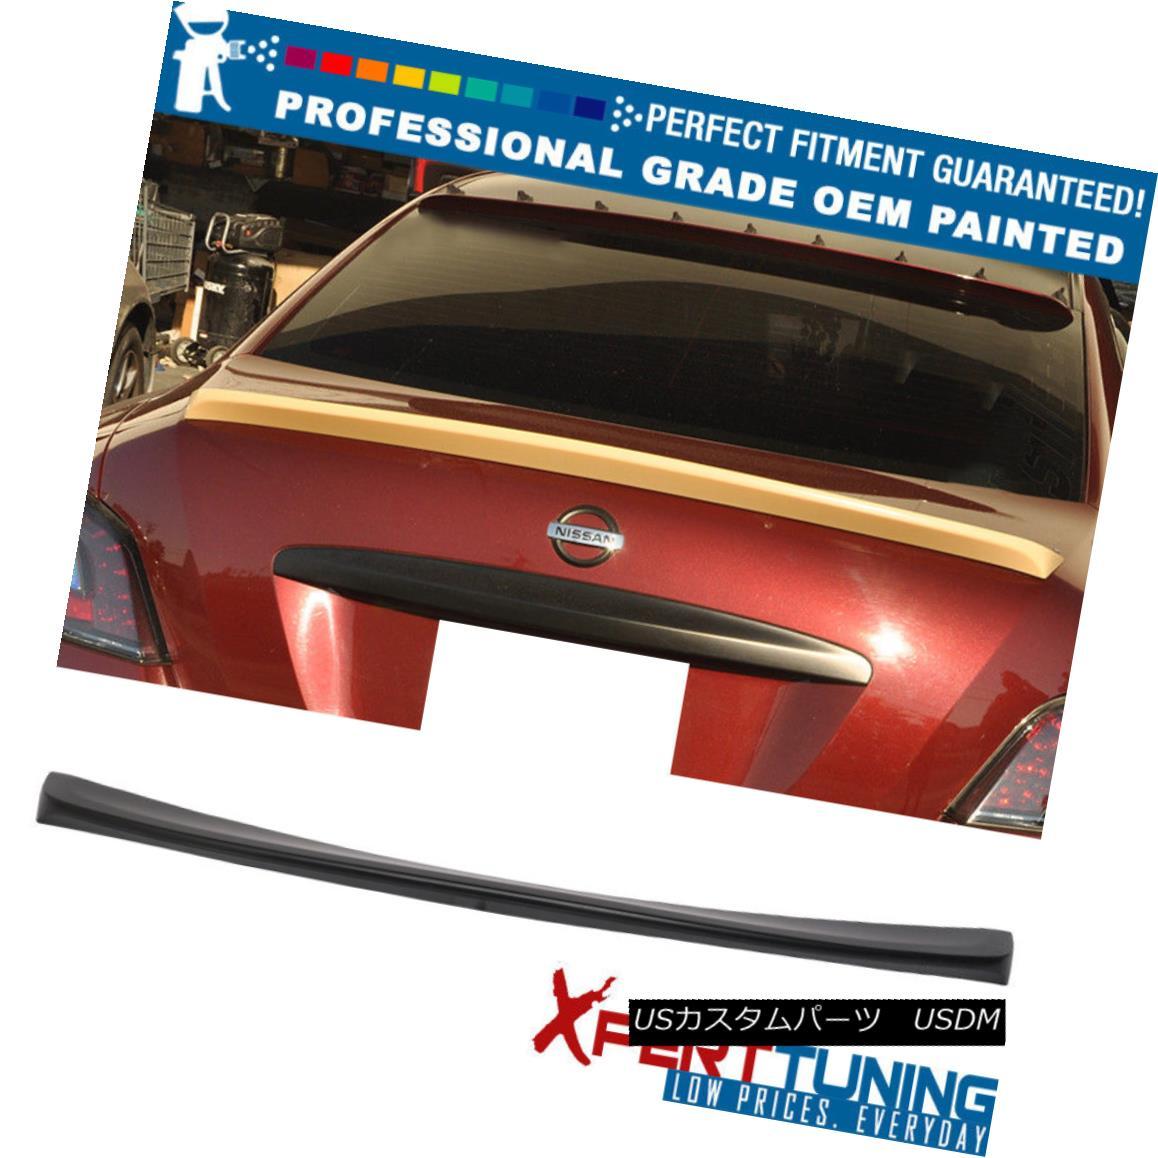 エアロパーツ Fit 09-15 Nissan Maxima ST Style Painted ABS Trunk Spoiler - OEM Painted Color フィット9月15日日産マキシマSTスタイル塗装ABSトランクスポイラー - OEM塗装カラー